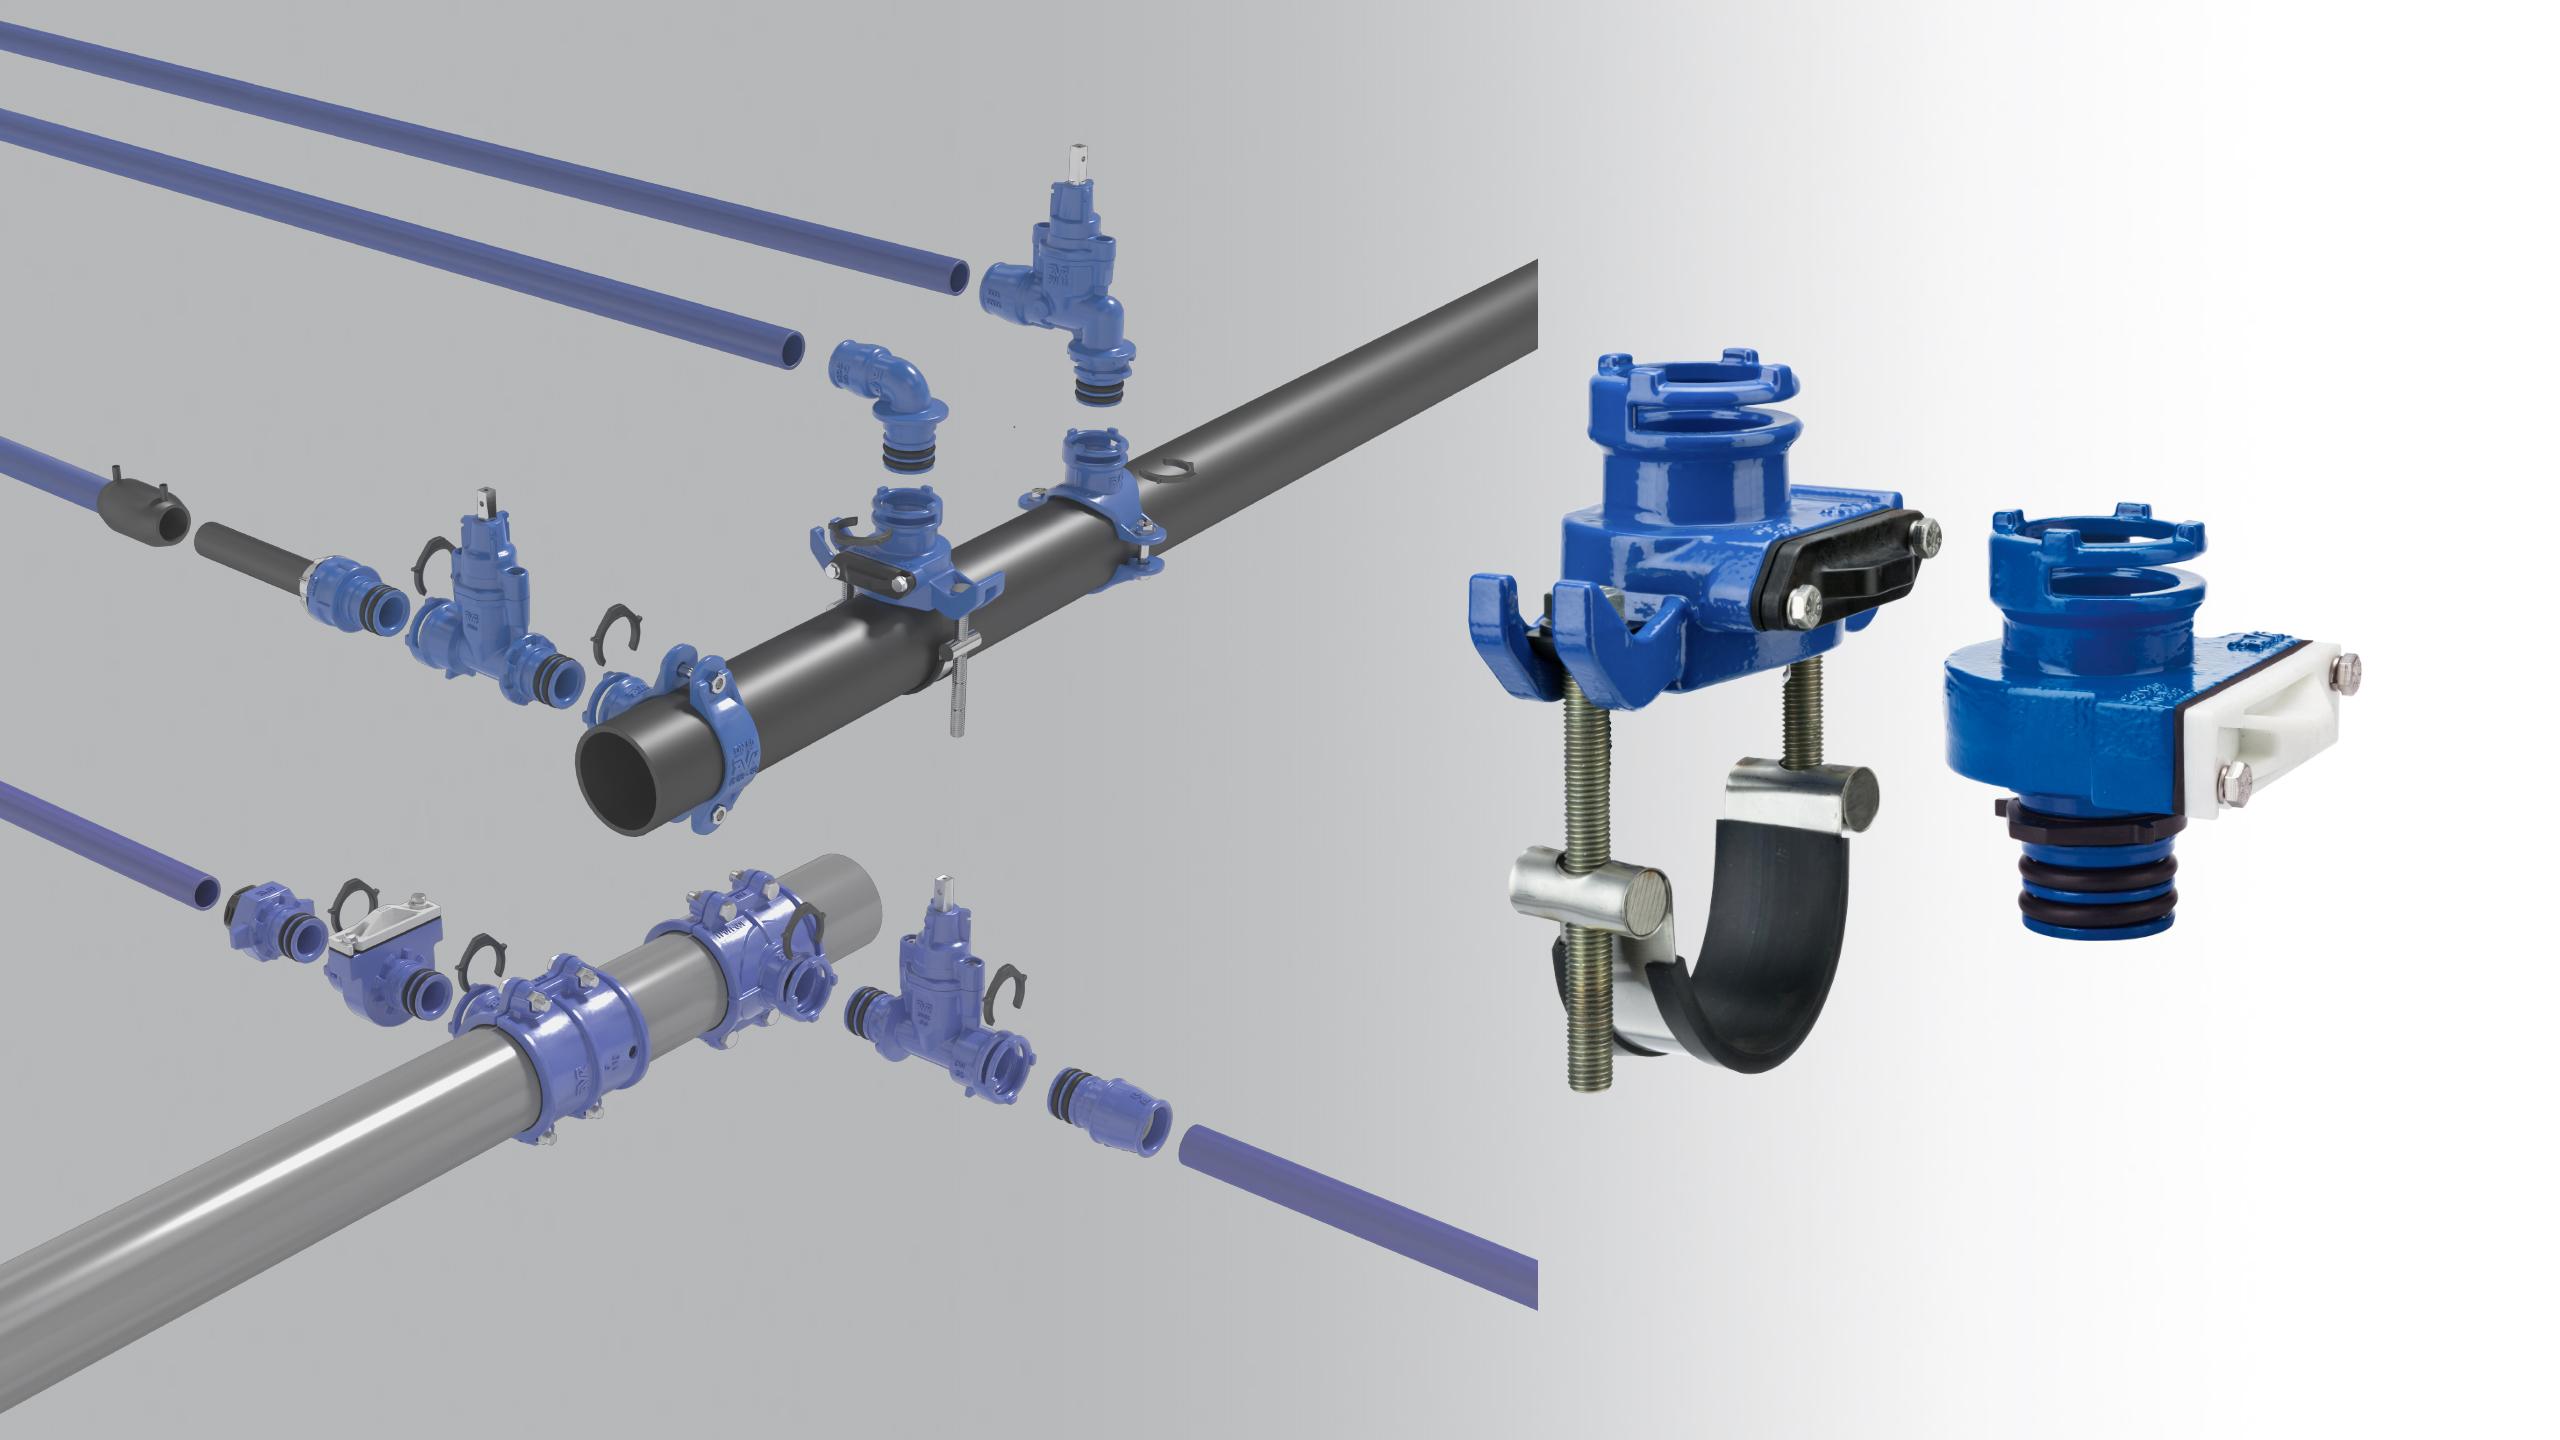 Ny anboringsbøjle og nyt anboringshoved i det gevindløse Supa Lock™ stikledningssystem